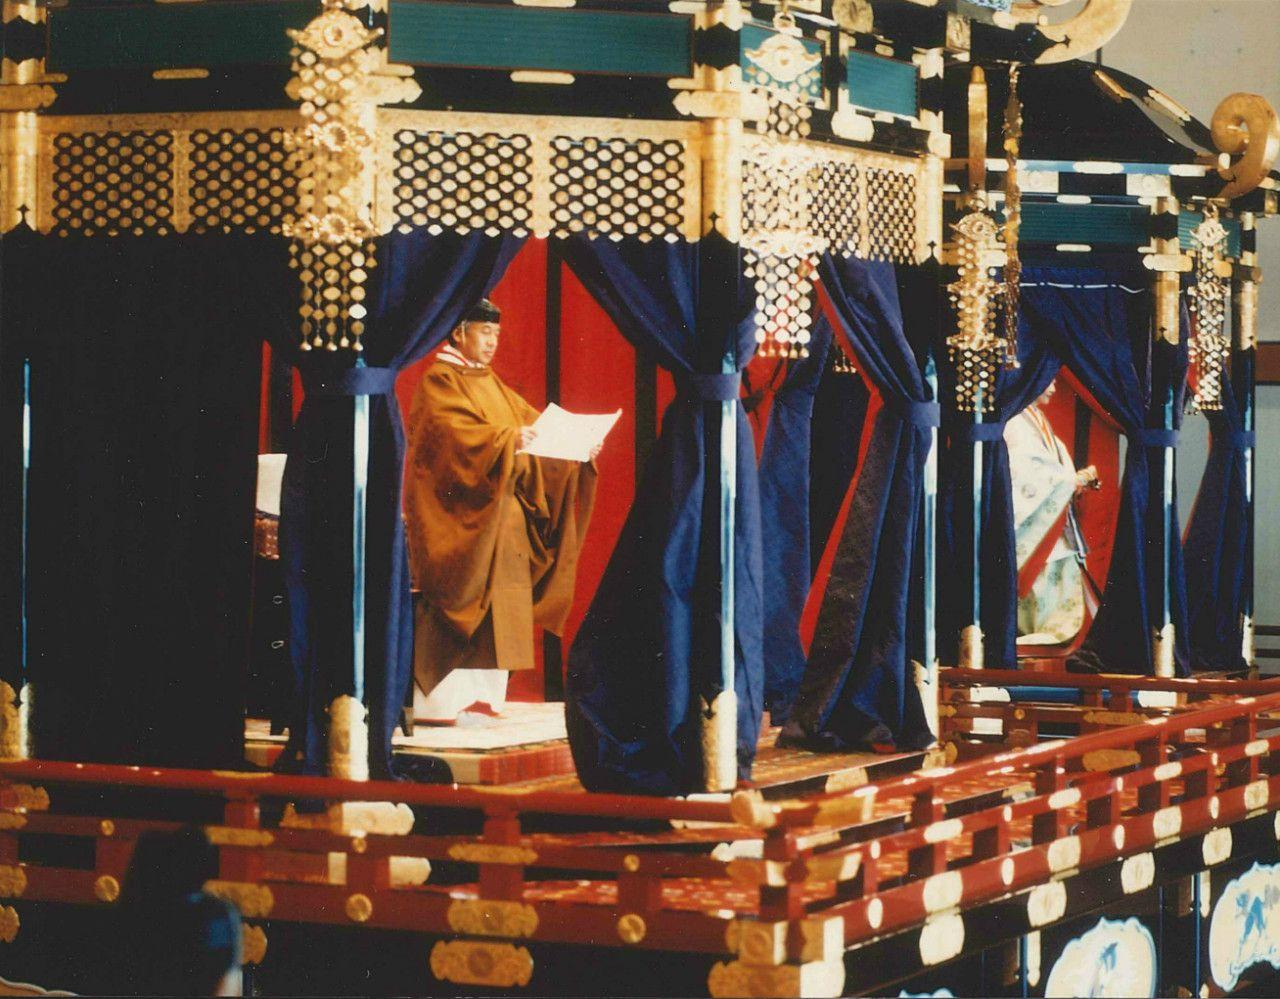 即位礼正殿の儀 宮内庁提供